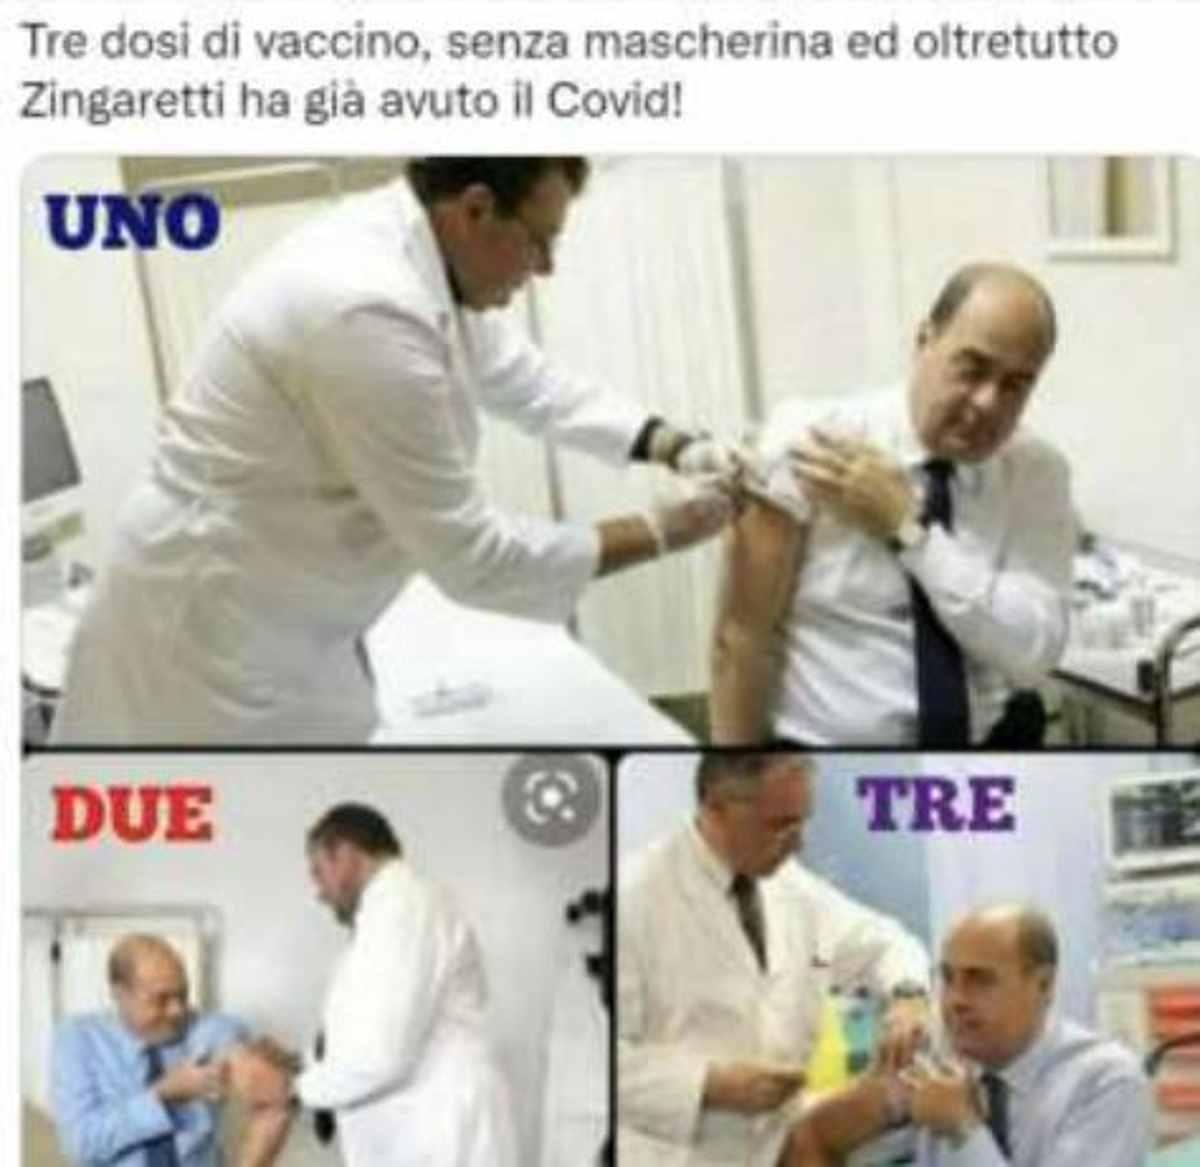 nicola-zingaretti-vaccino